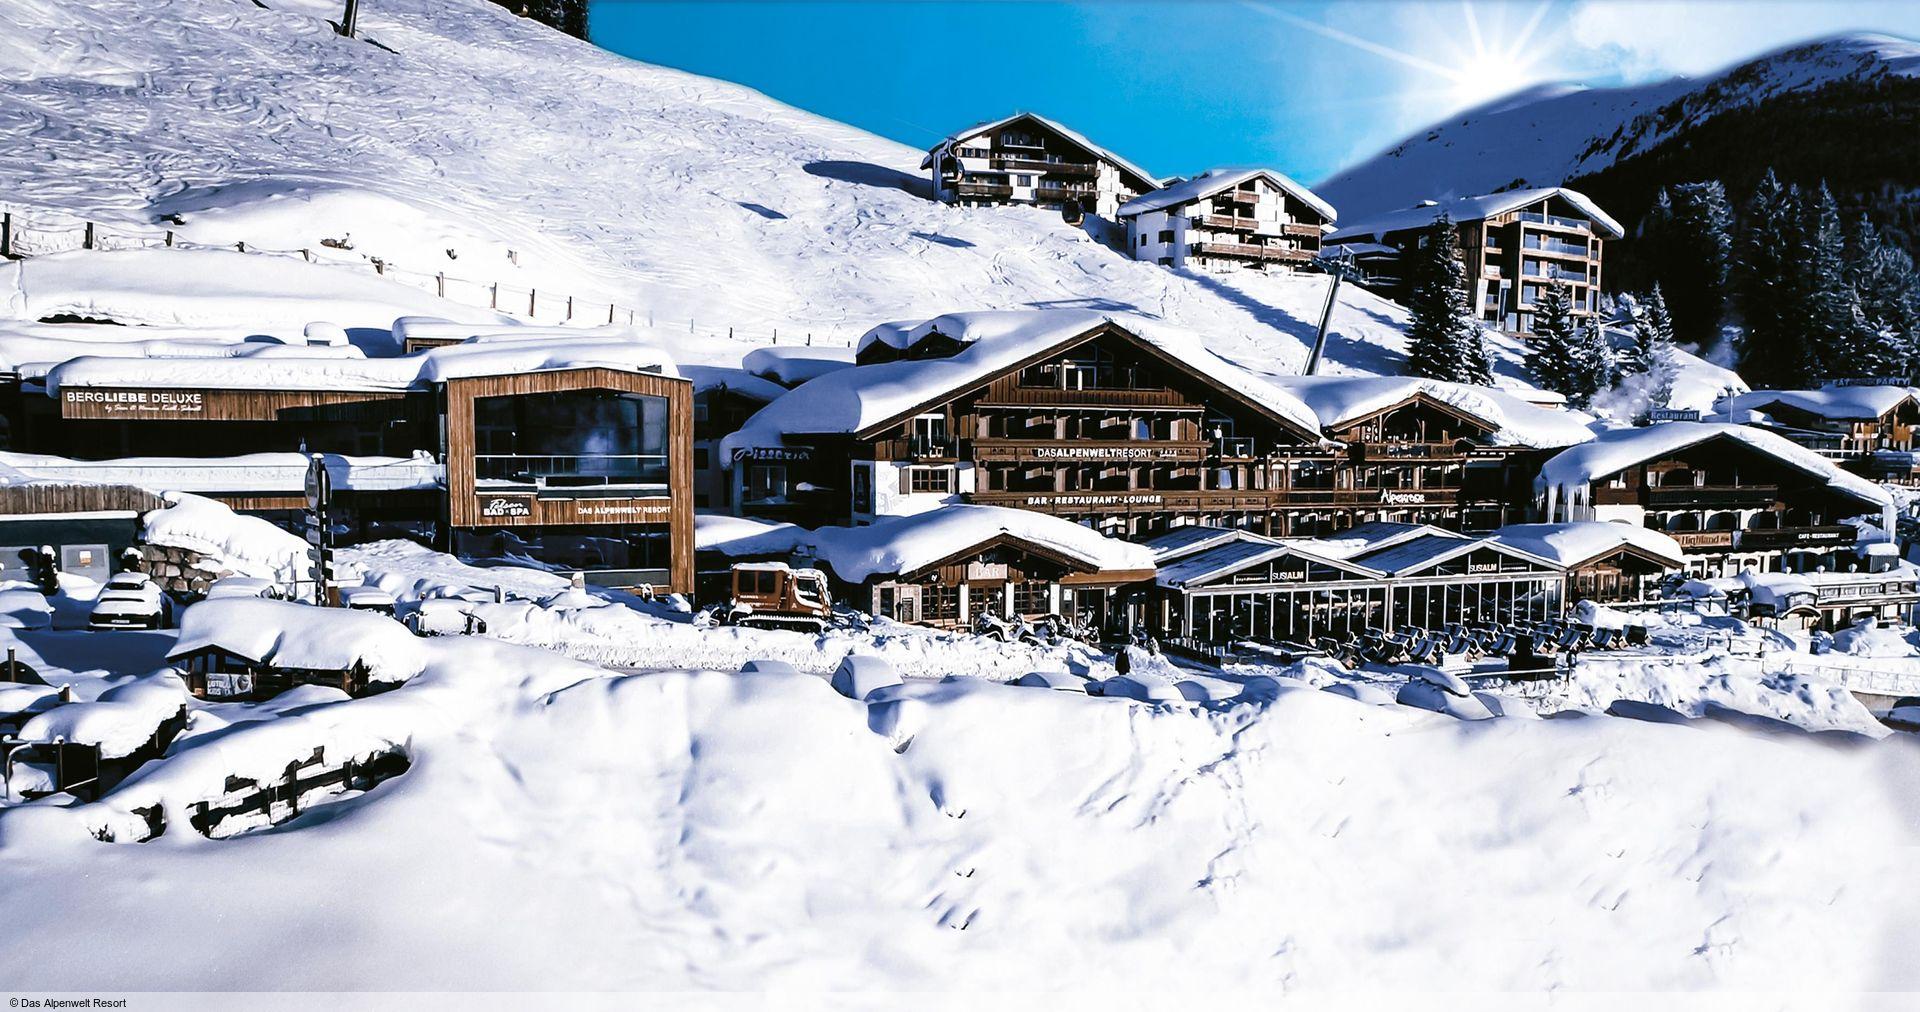 Königsleiten - My Alpenwelt Resort